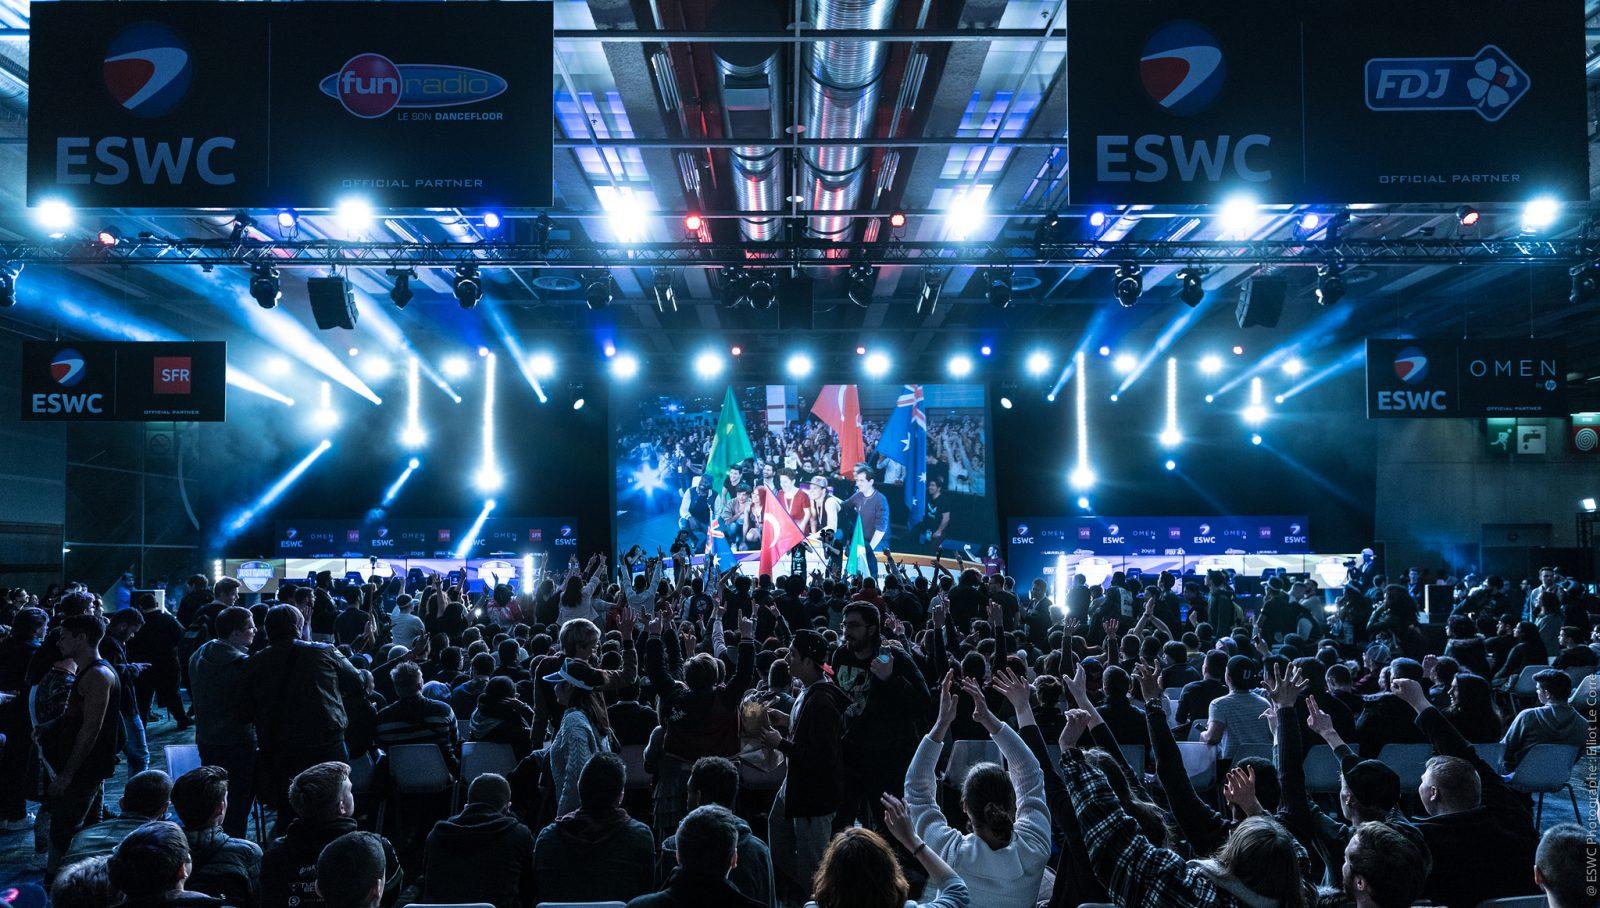 Metz : une compétition internationale de jeux vidéos s'installe pour 3 ans au centre des congrès dès 2018